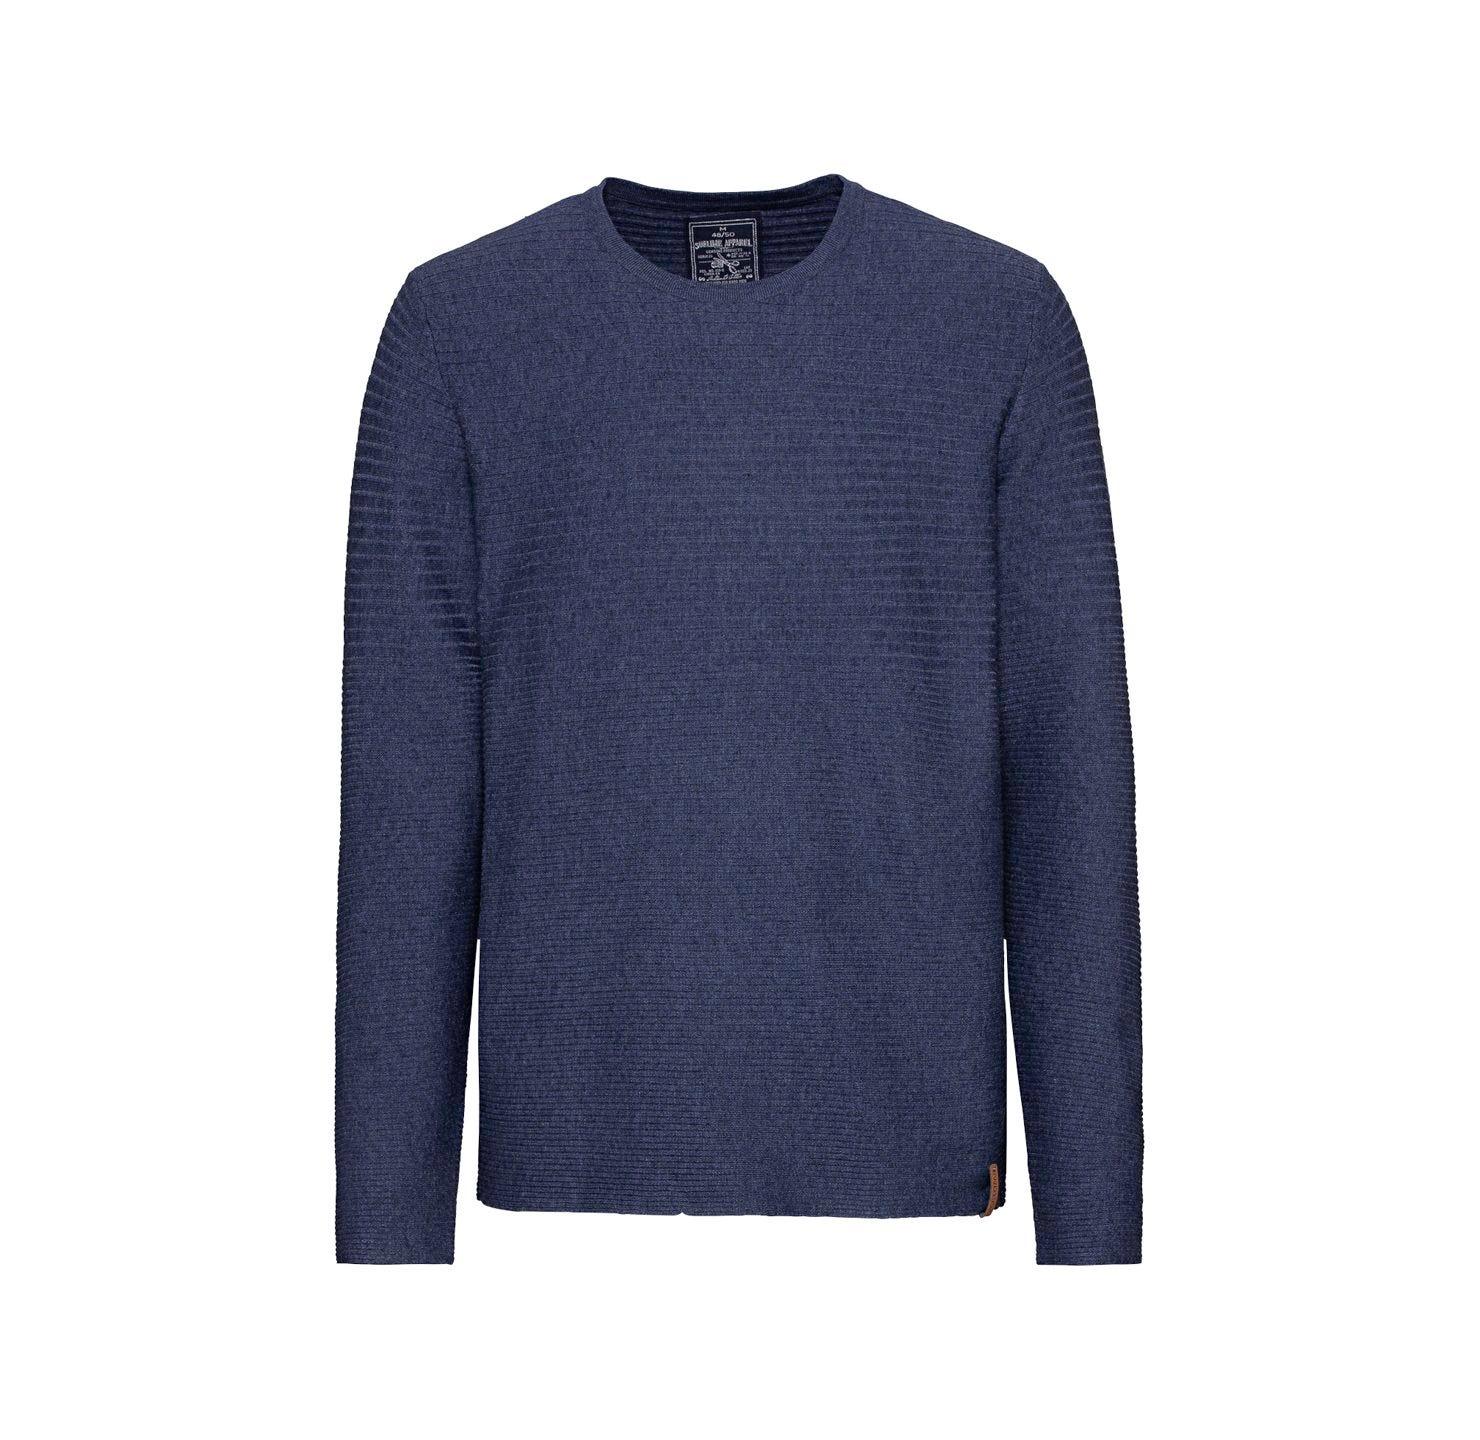 3 mal xl herren sweatshirt